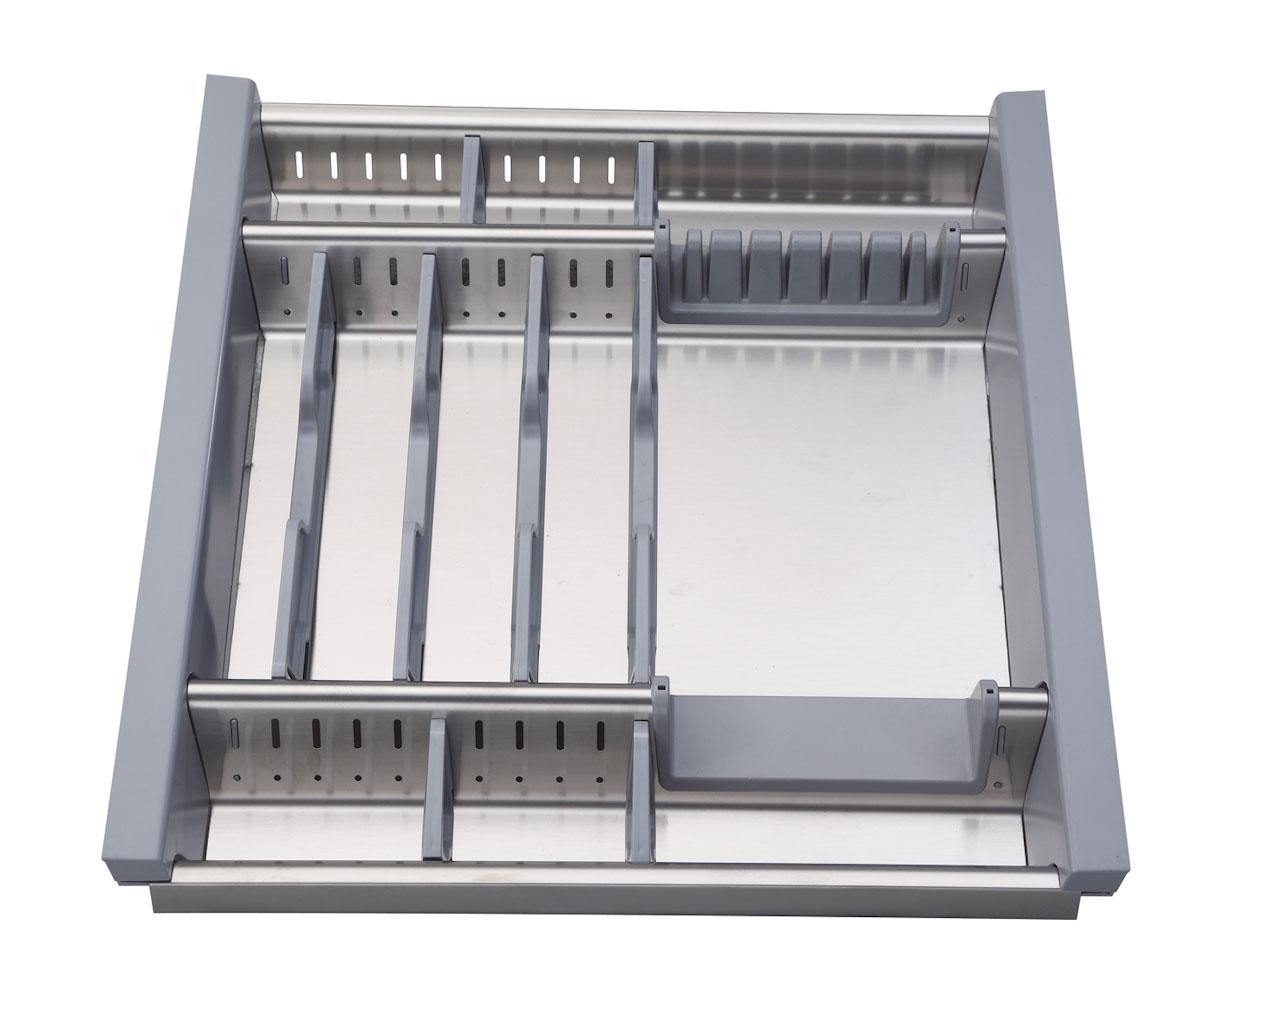 Portaposate da cassetto in acciaio inox adattabile modulo 50cm planet cucina - Porta posate da cassetto ...